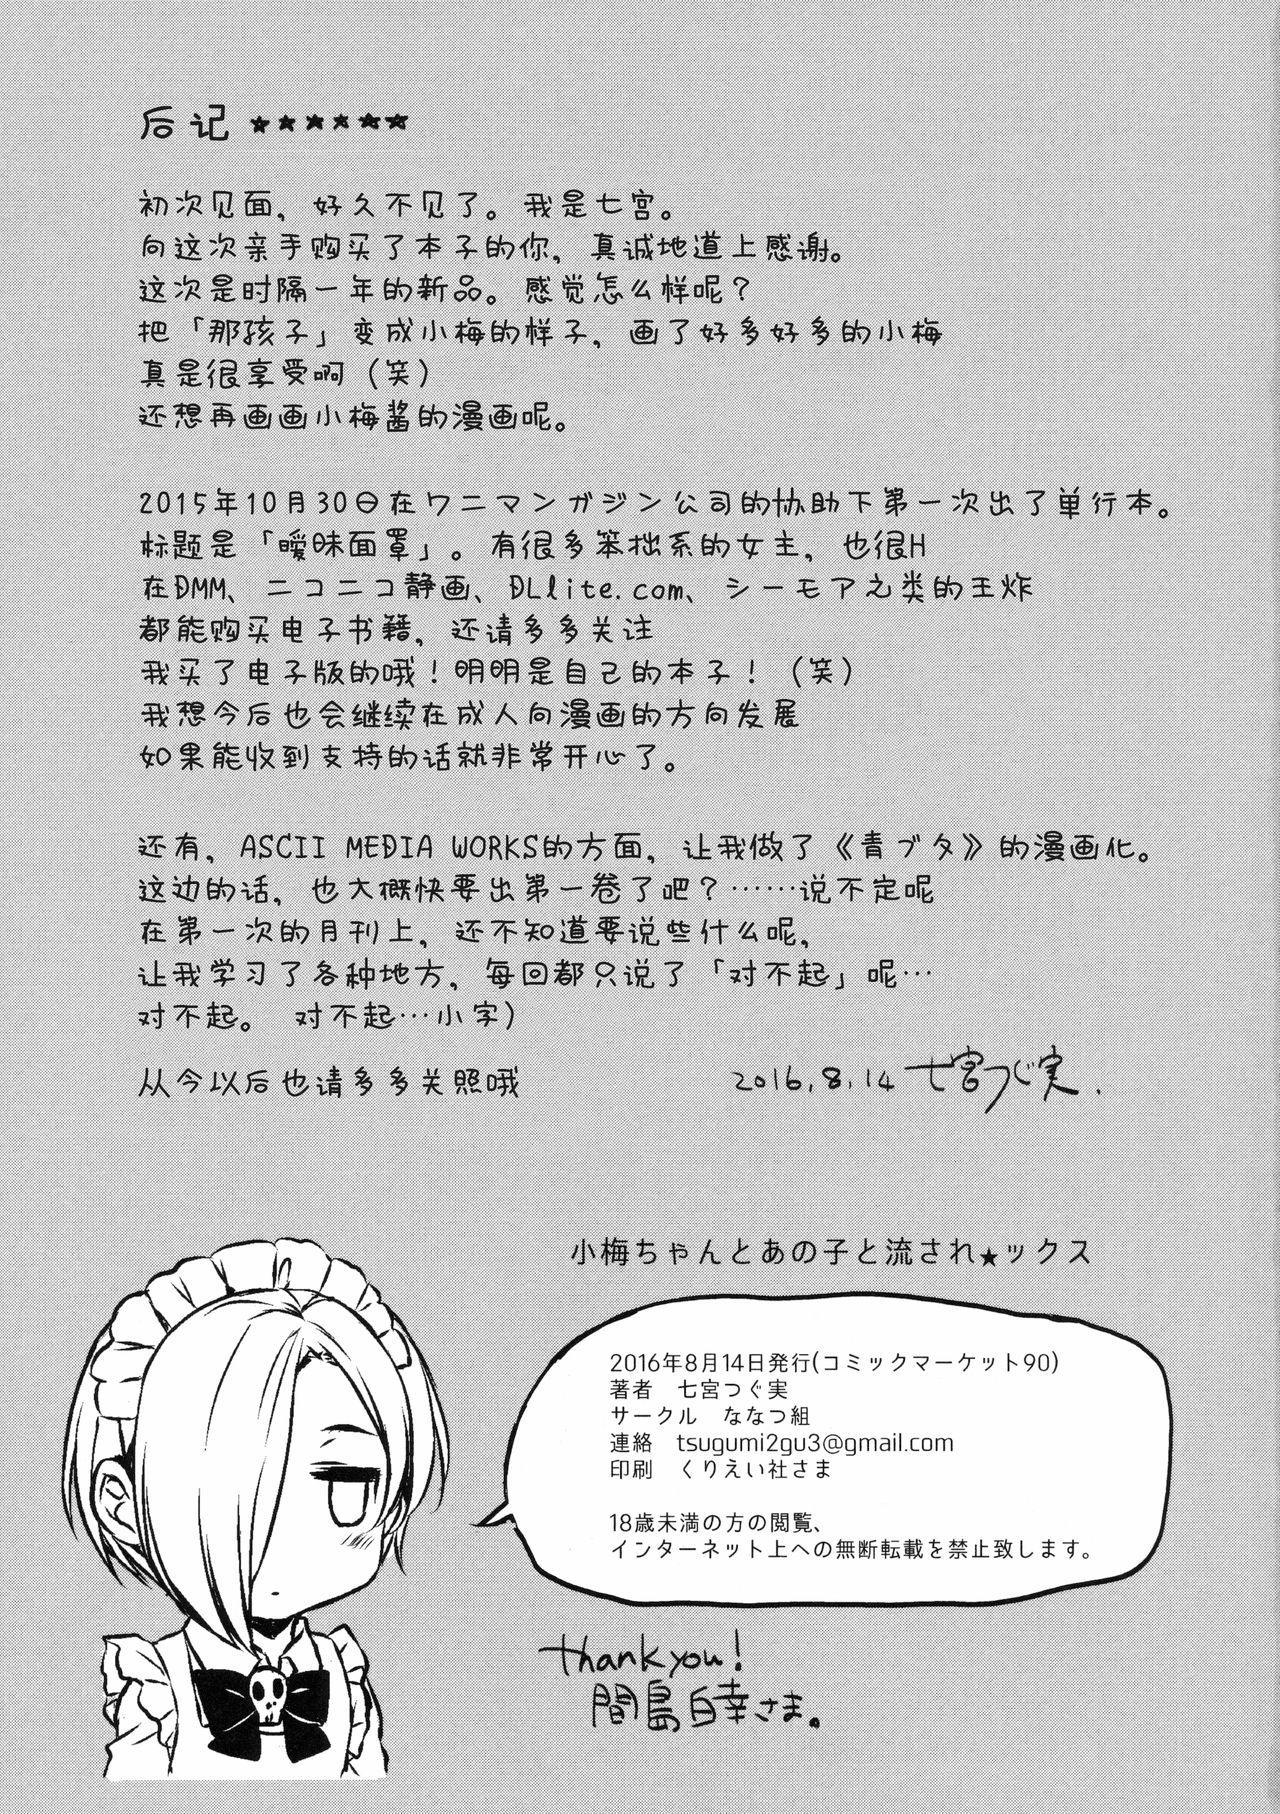 Koume-chan to Anoko to Nagasaresex 25